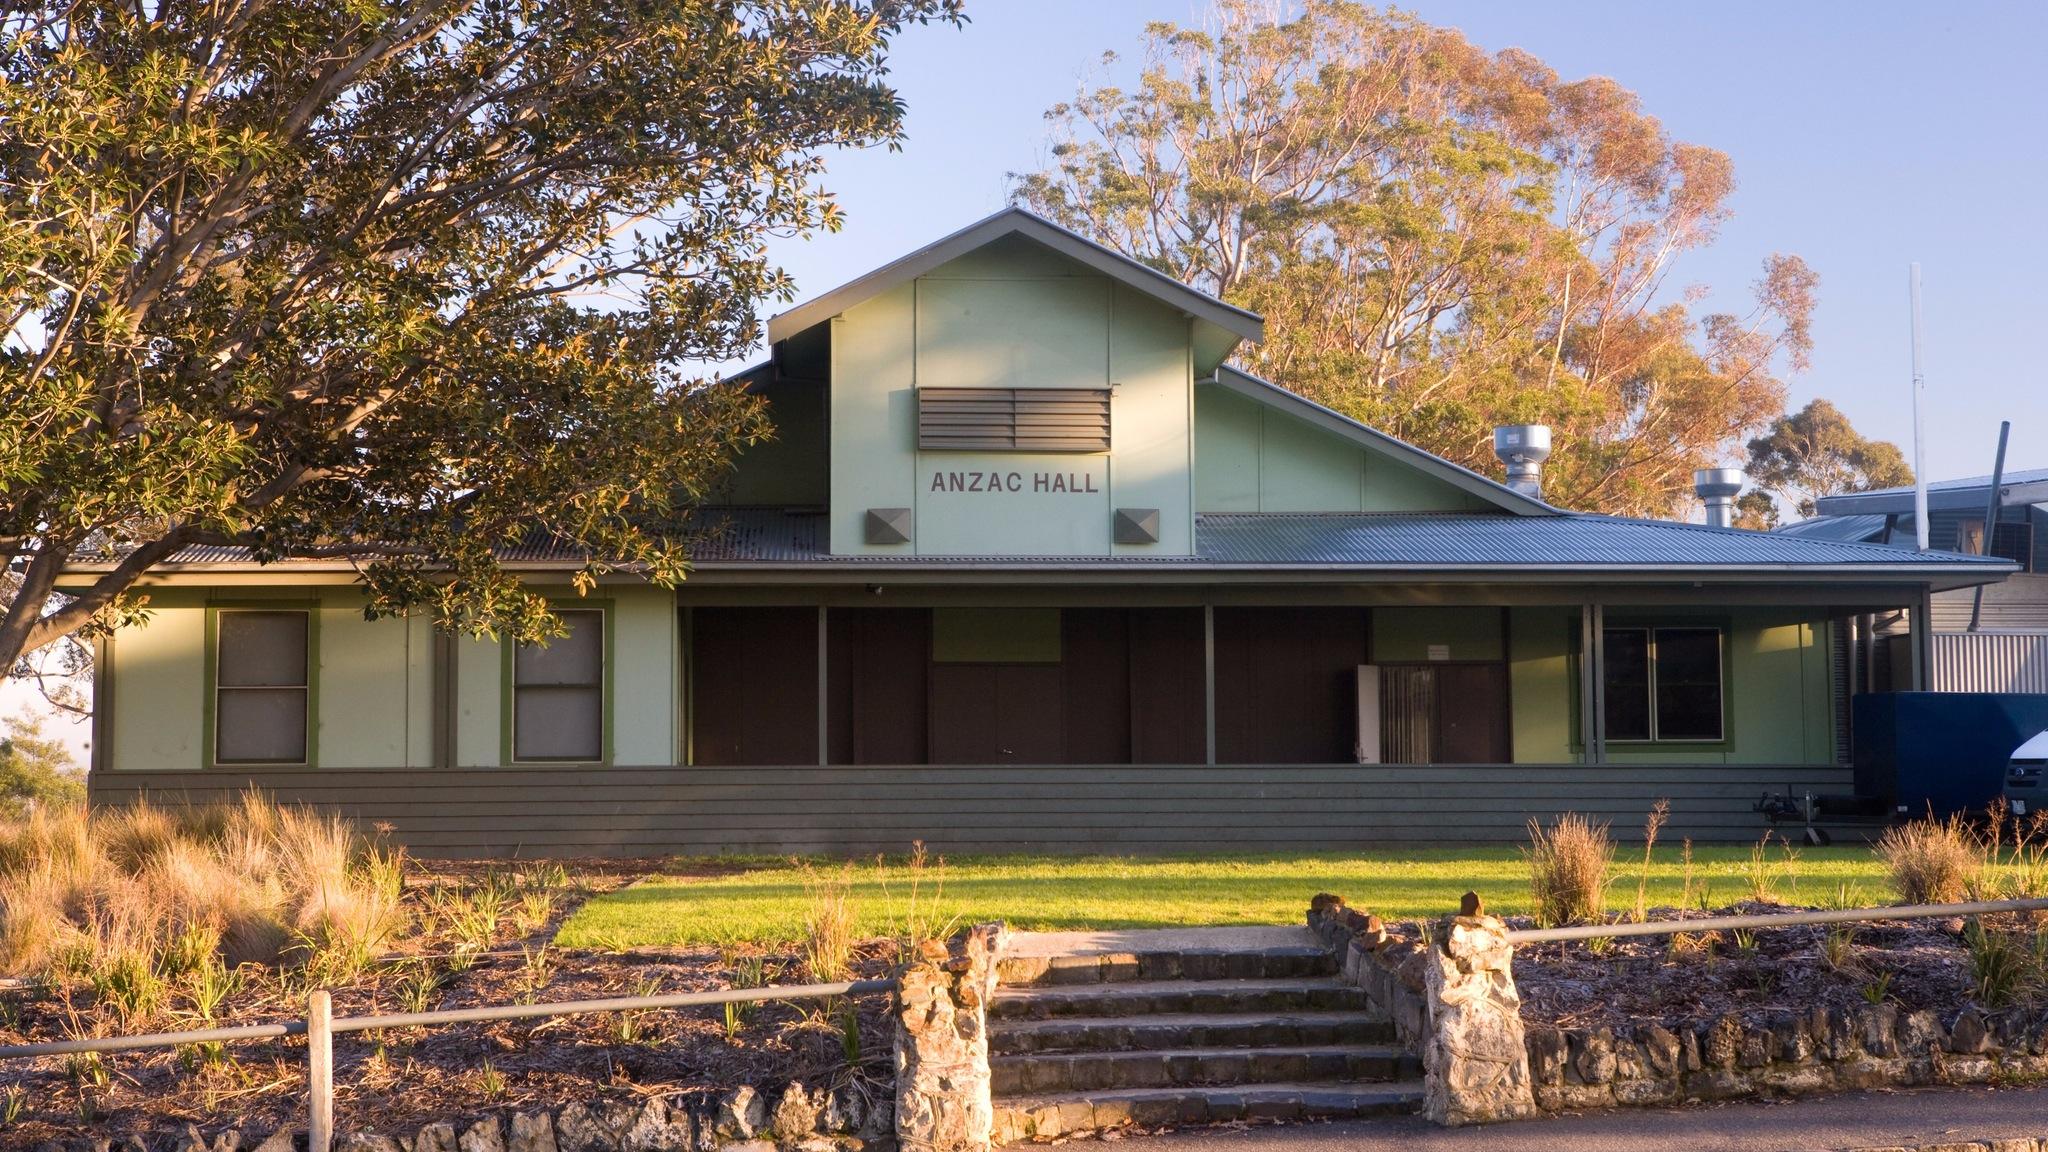 Anzac Hall